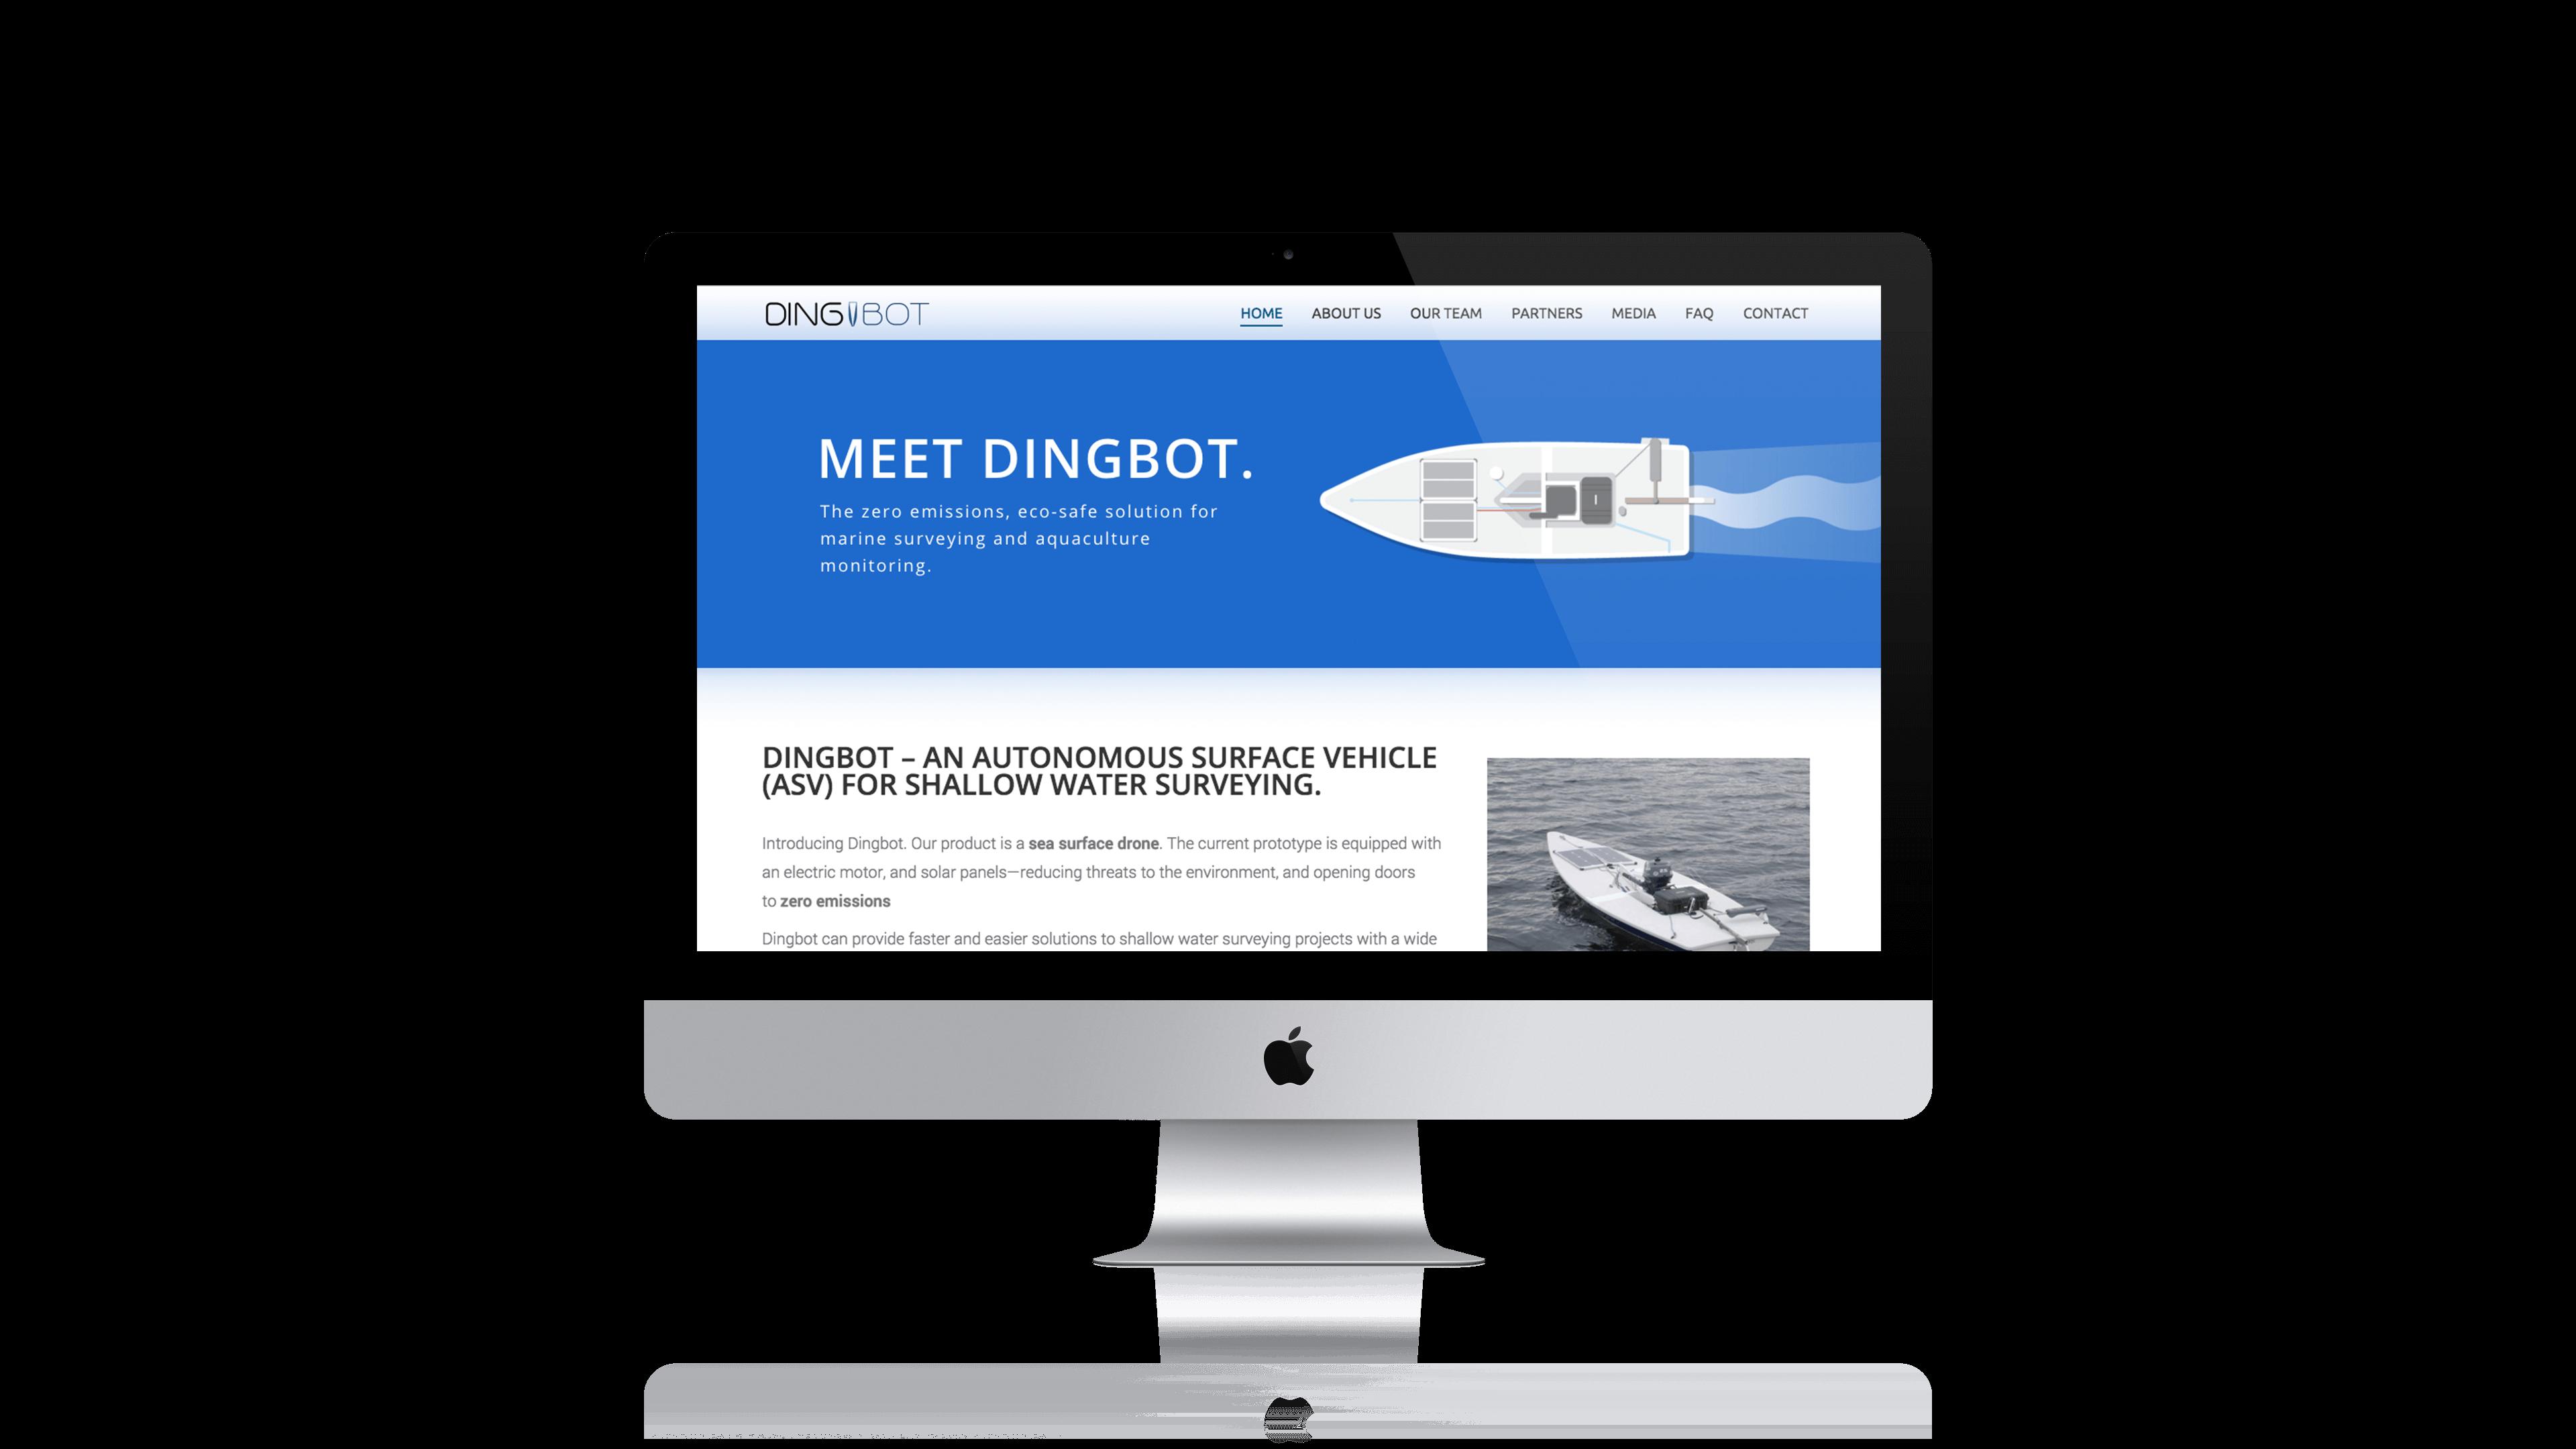 #0048C123667116 Ios7 App Design « Crudestudio App Icon – Cj Web Design Dingbot  Meest recente Tuin Design App 181 pic 38402160181 Ontwerp